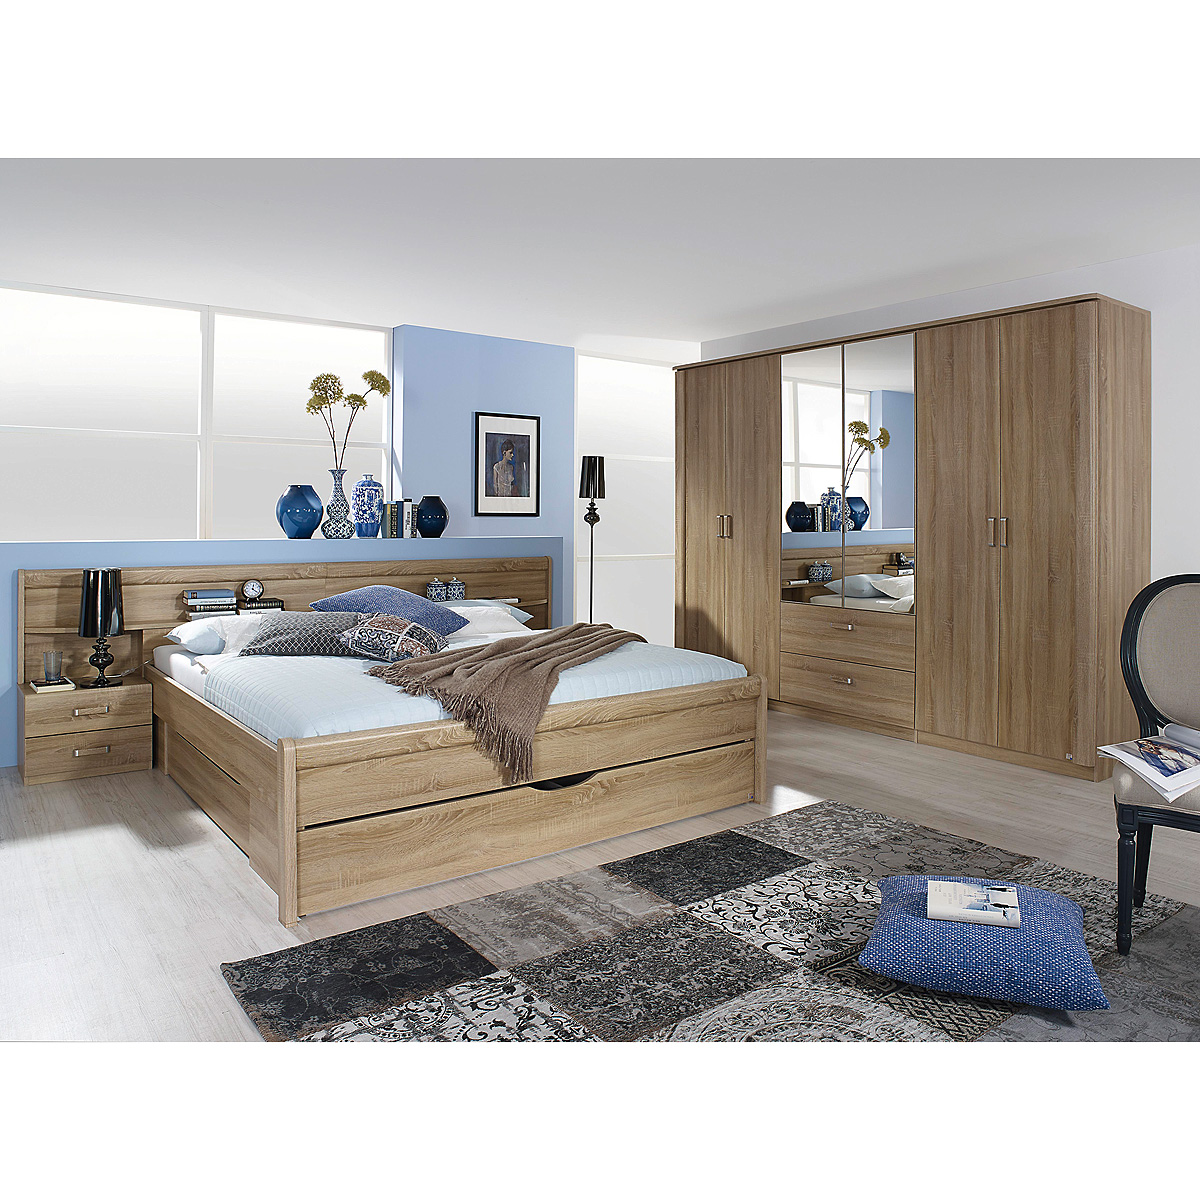 schlafzimmer set cham schrank kleiderschrank bett nako in sonoma eiche eur picclick de. Black Bedroom Furniture Sets. Home Design Ideas